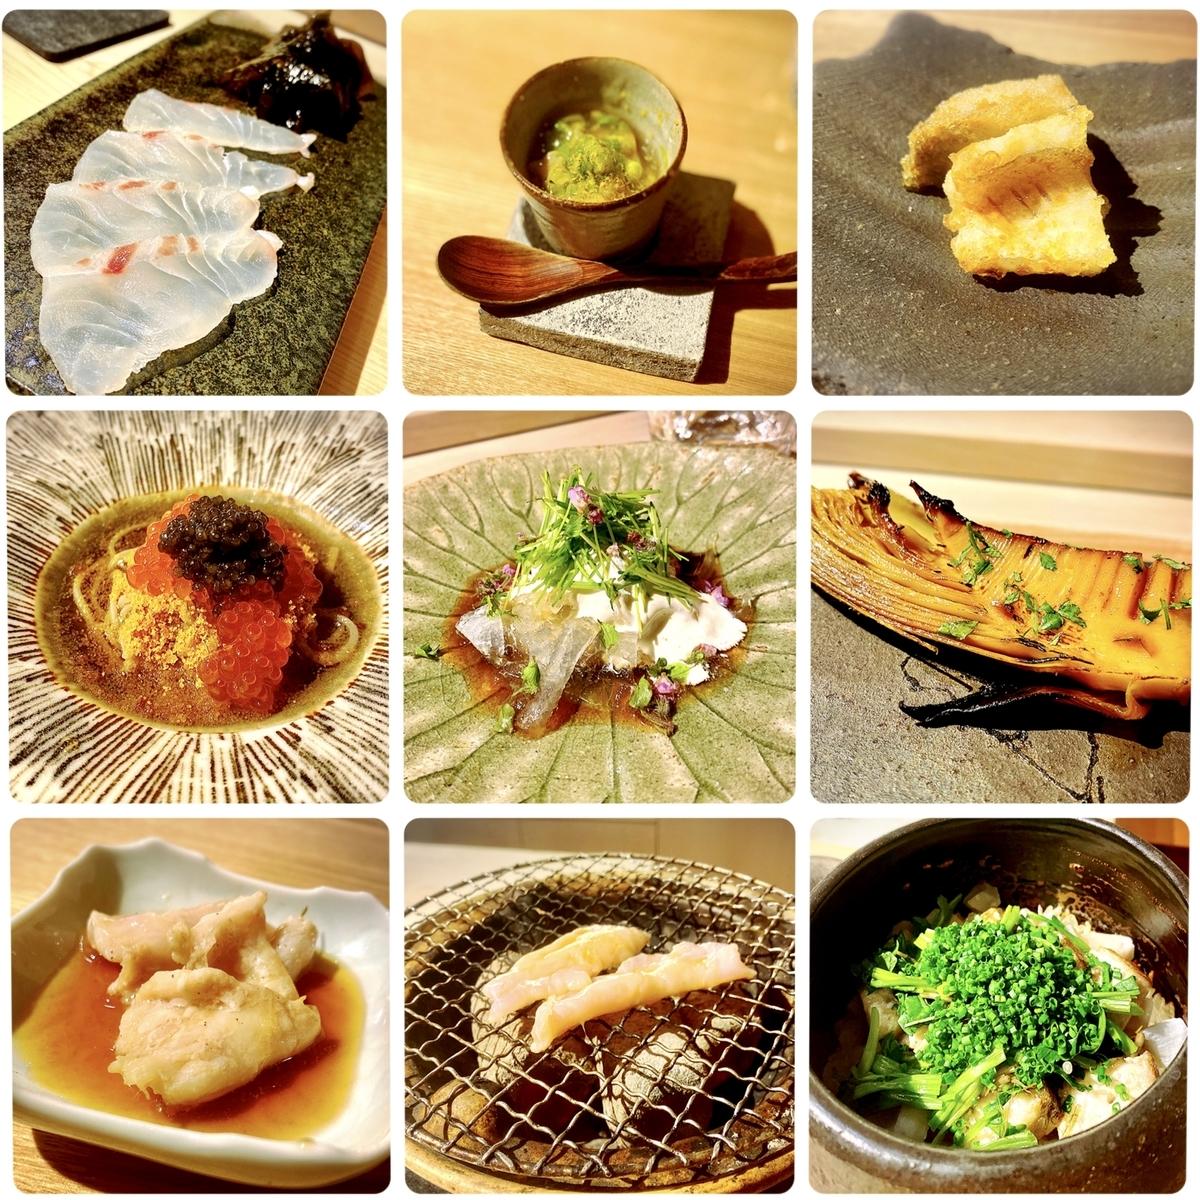 「日本料理 みや」はデートや接待など大事なシチュエーションで使える和食料理屋